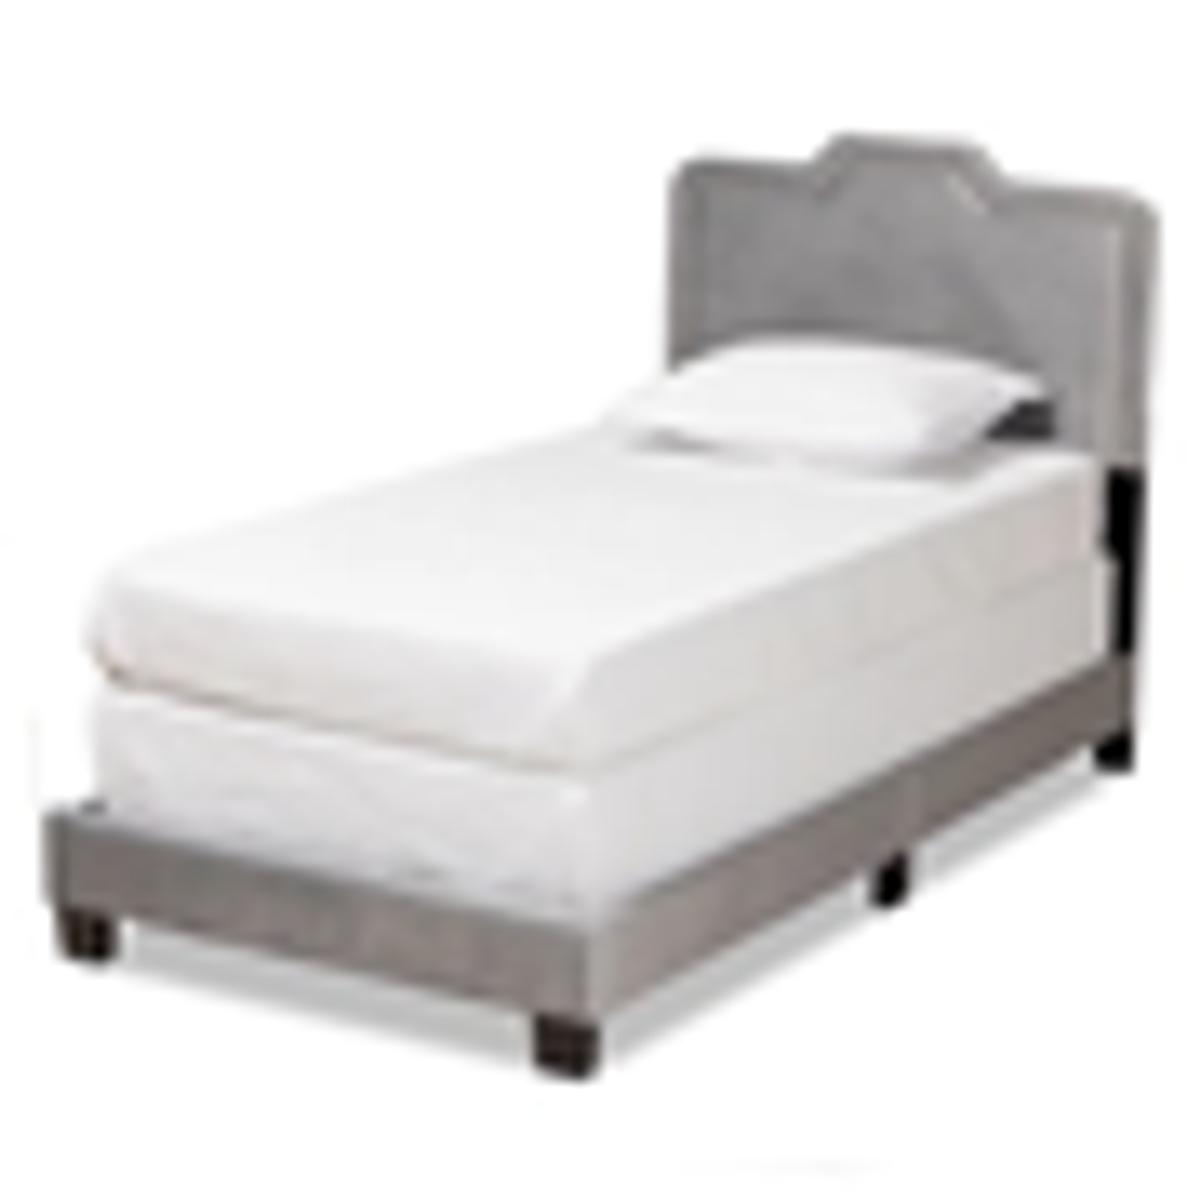 Standard Beds